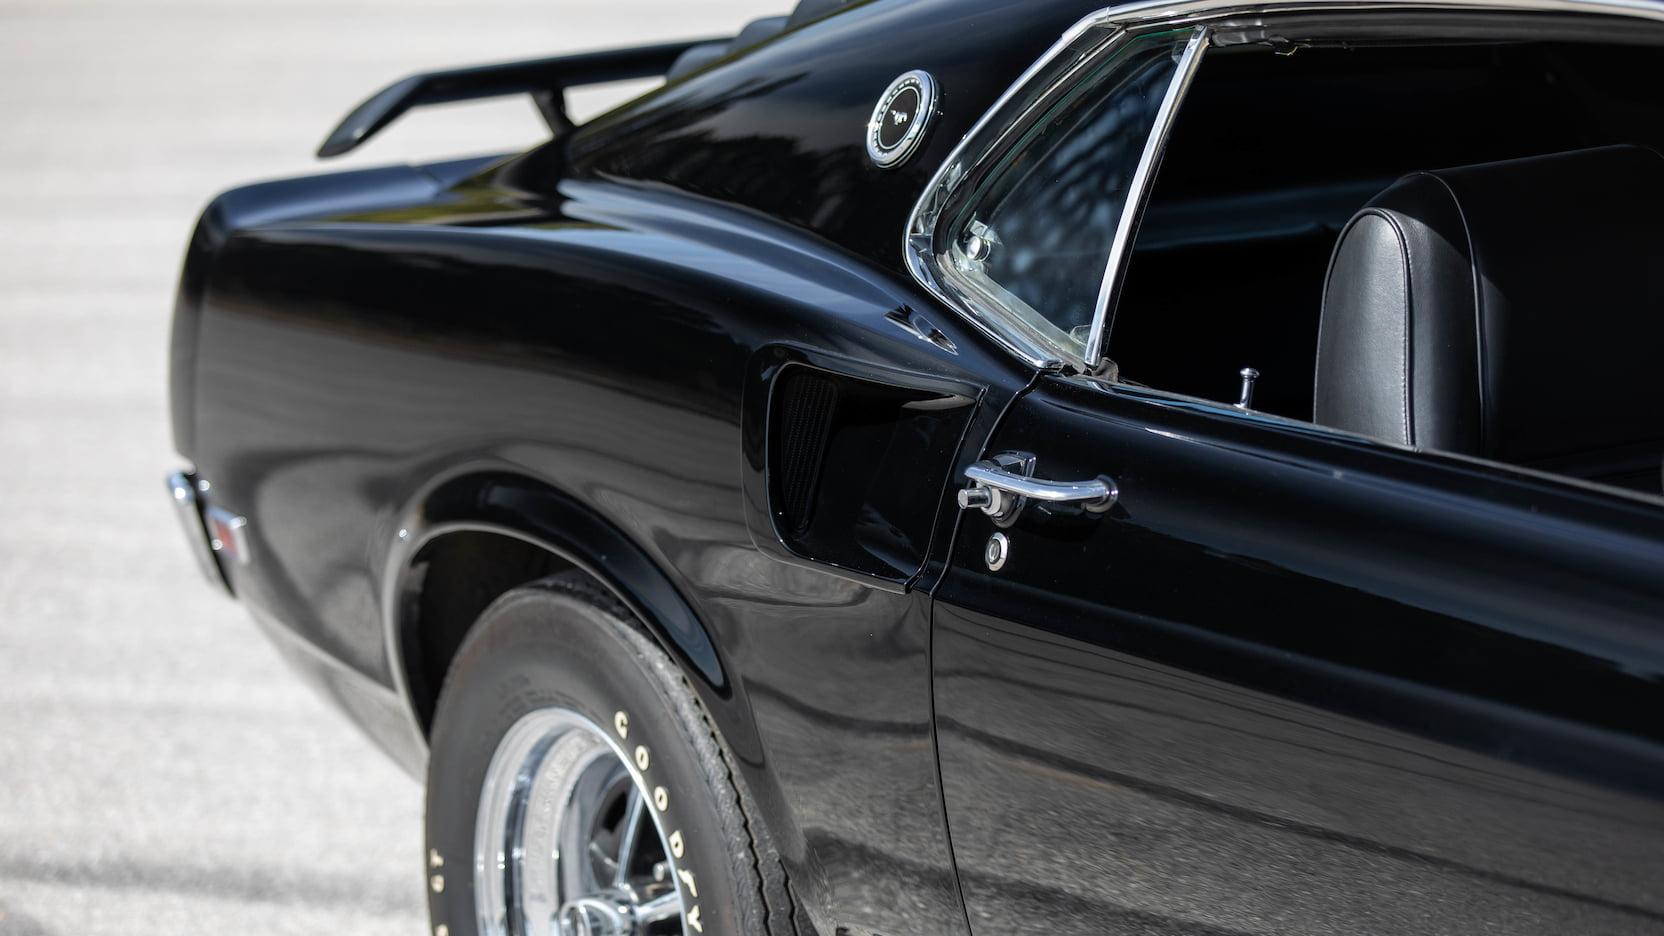 1969 Ford Mustang Boss 429 Fastback Rear Quarter Panel Side